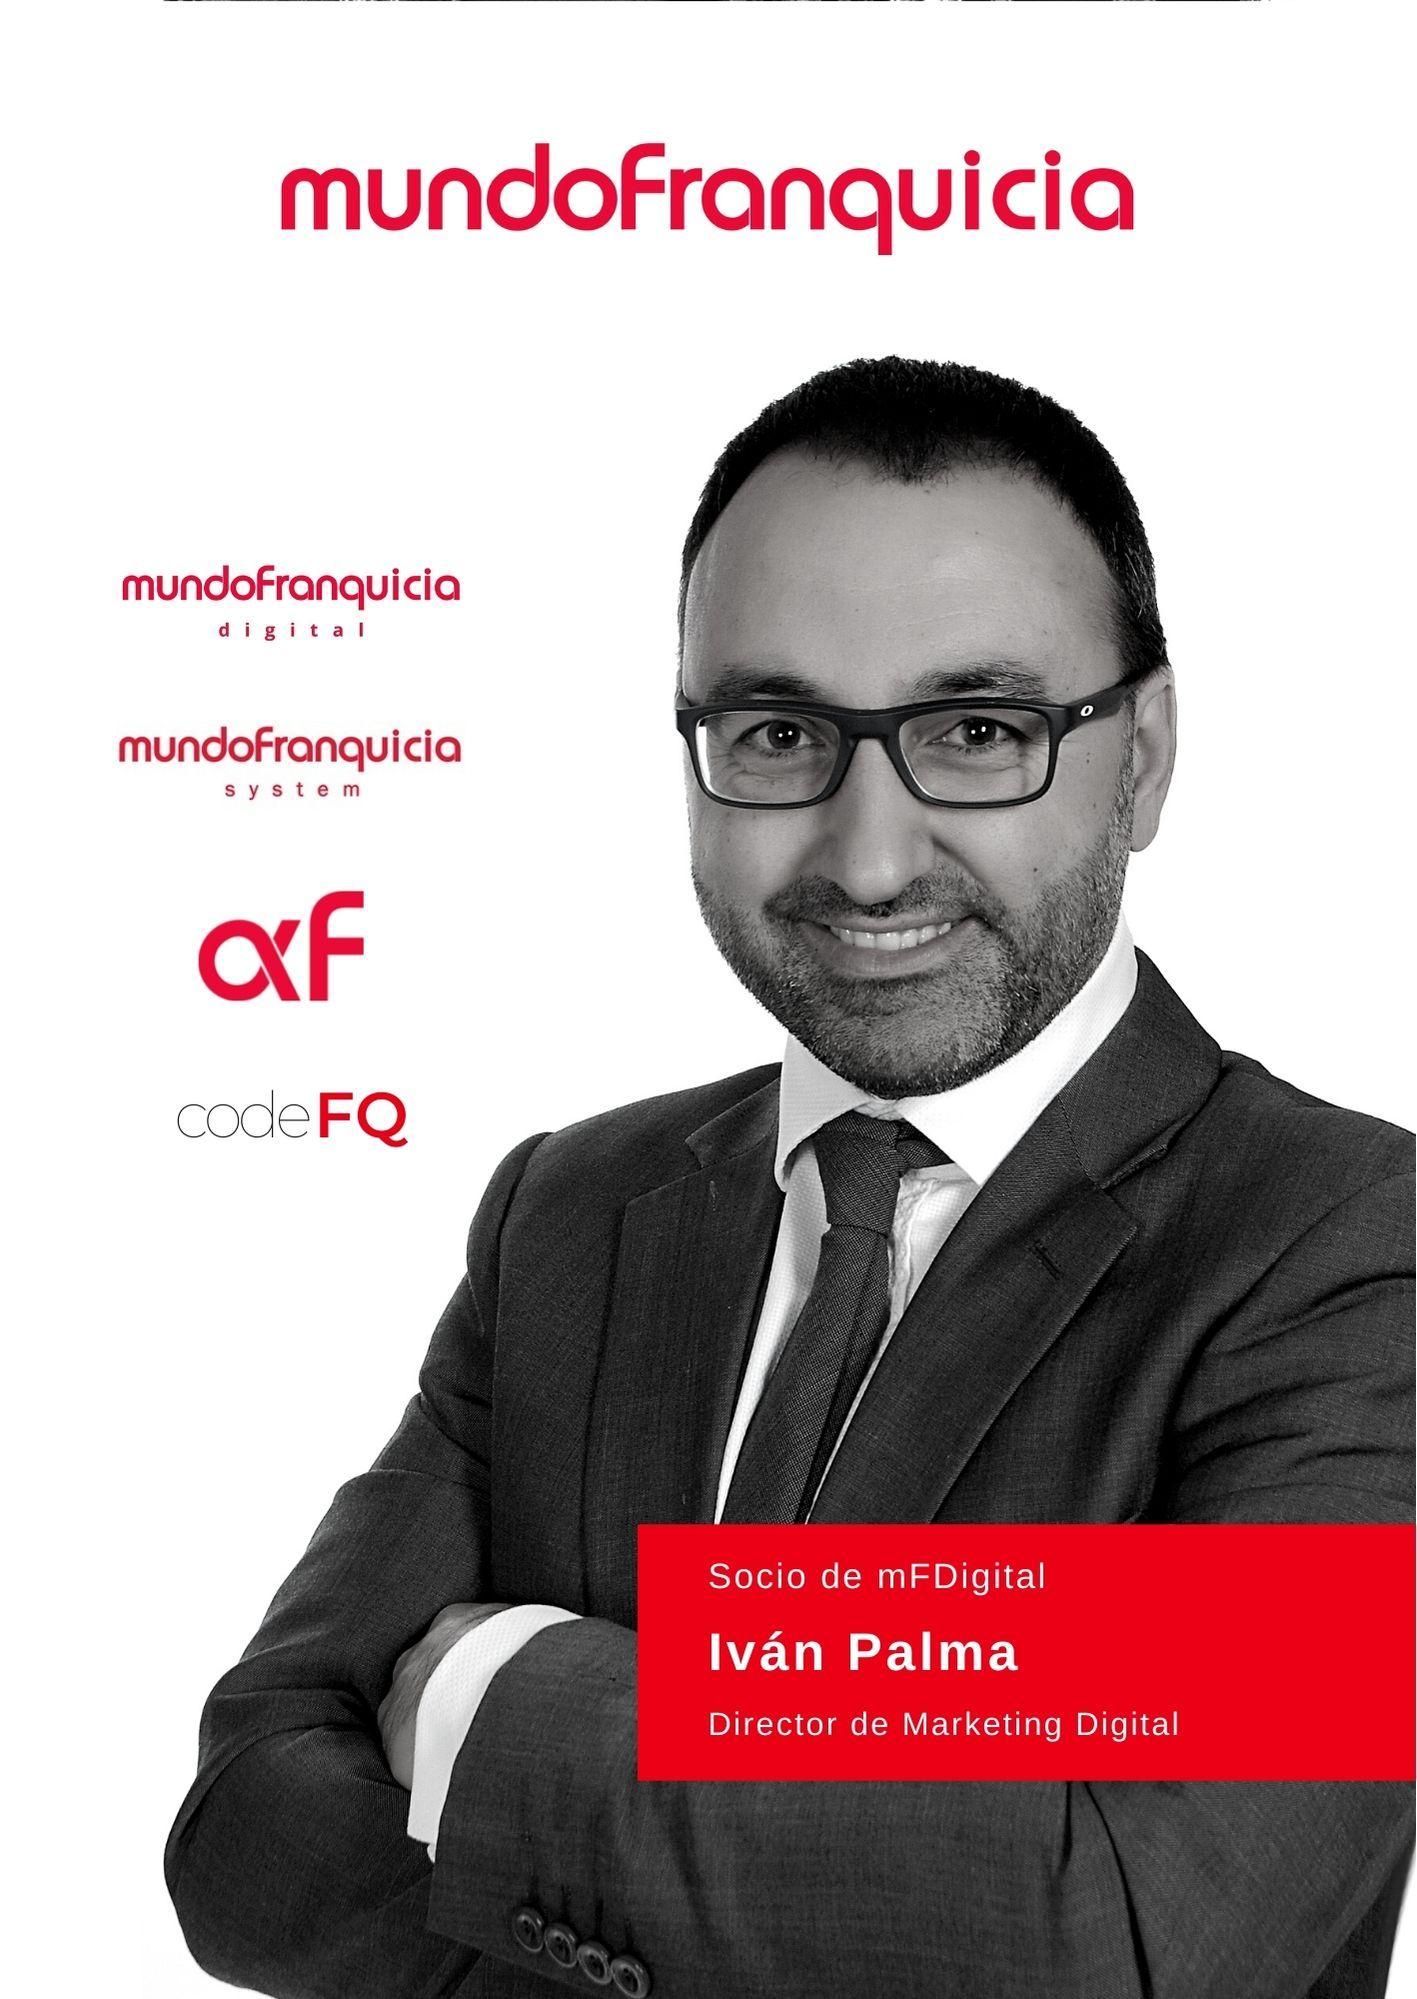 Iván Palma